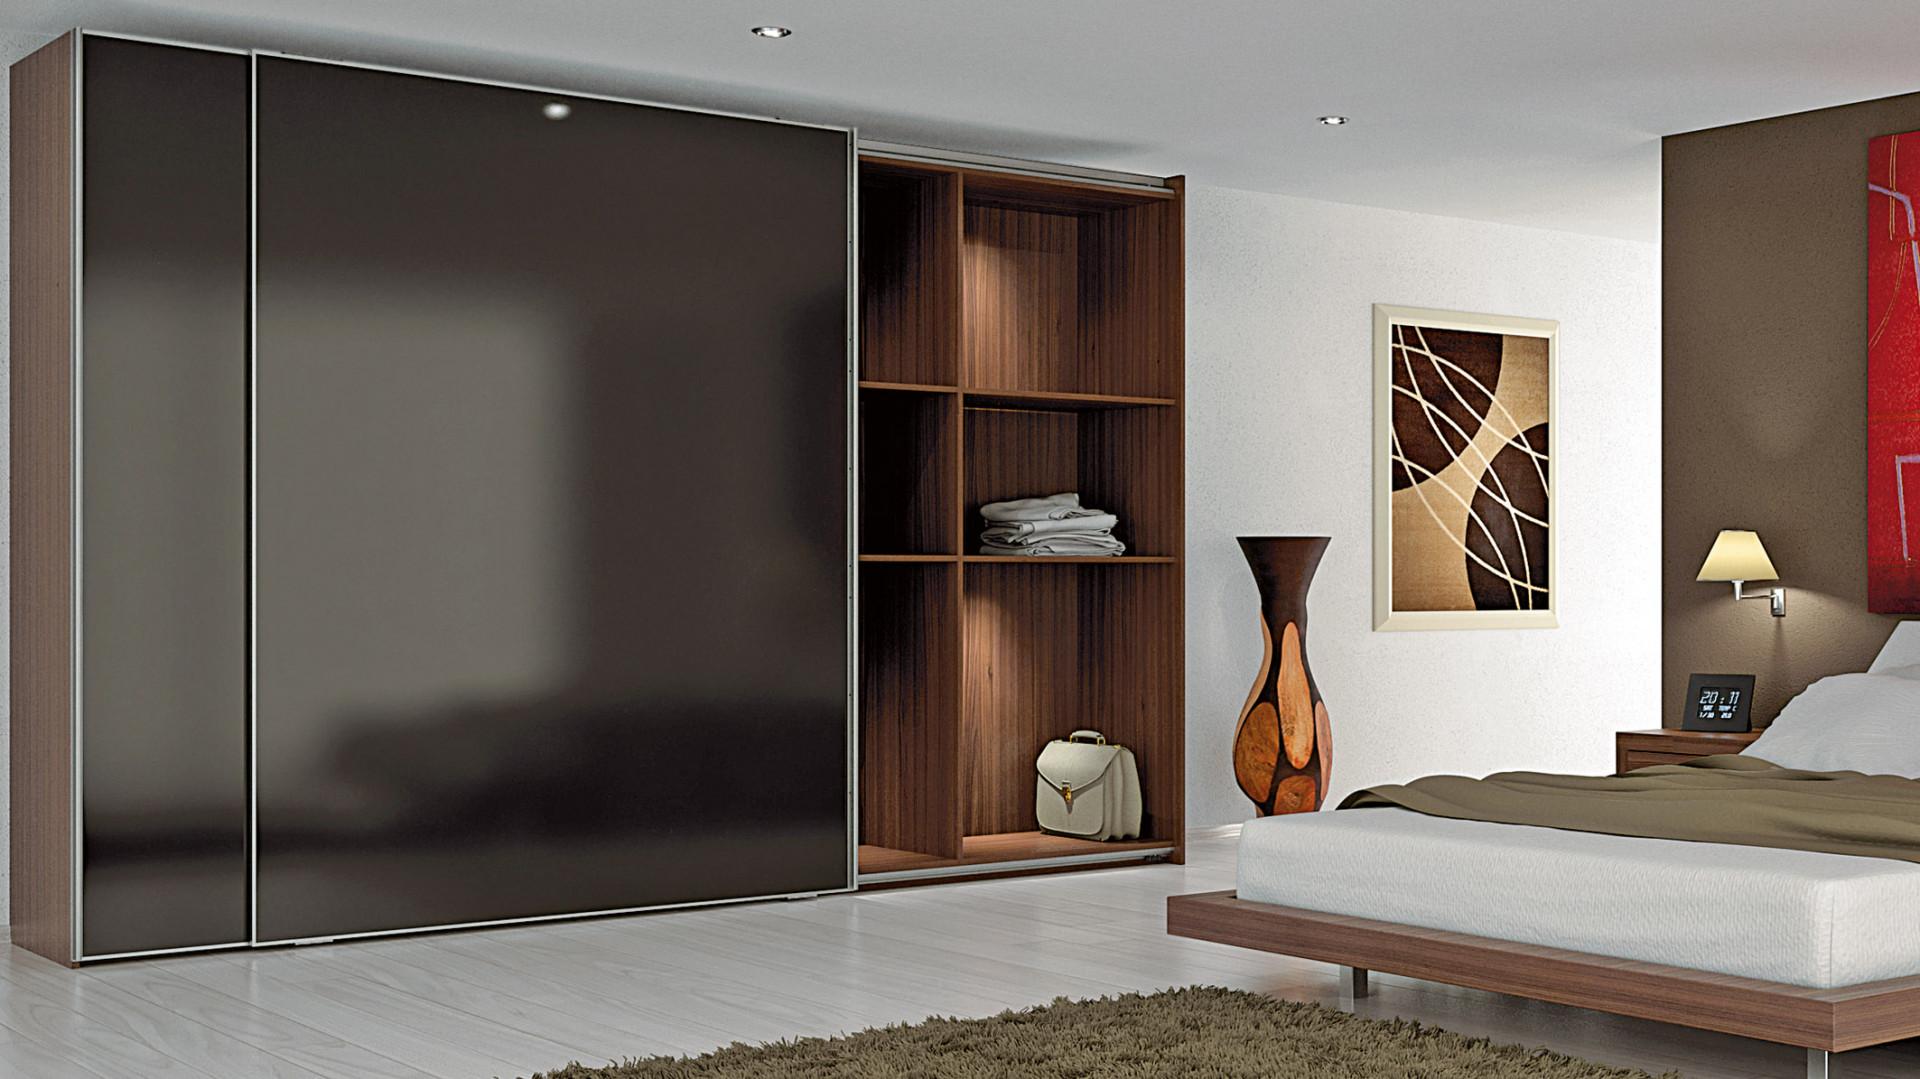 Porządek w szafie i garderobie – dzięki nowoczesnym rozwiązaniom